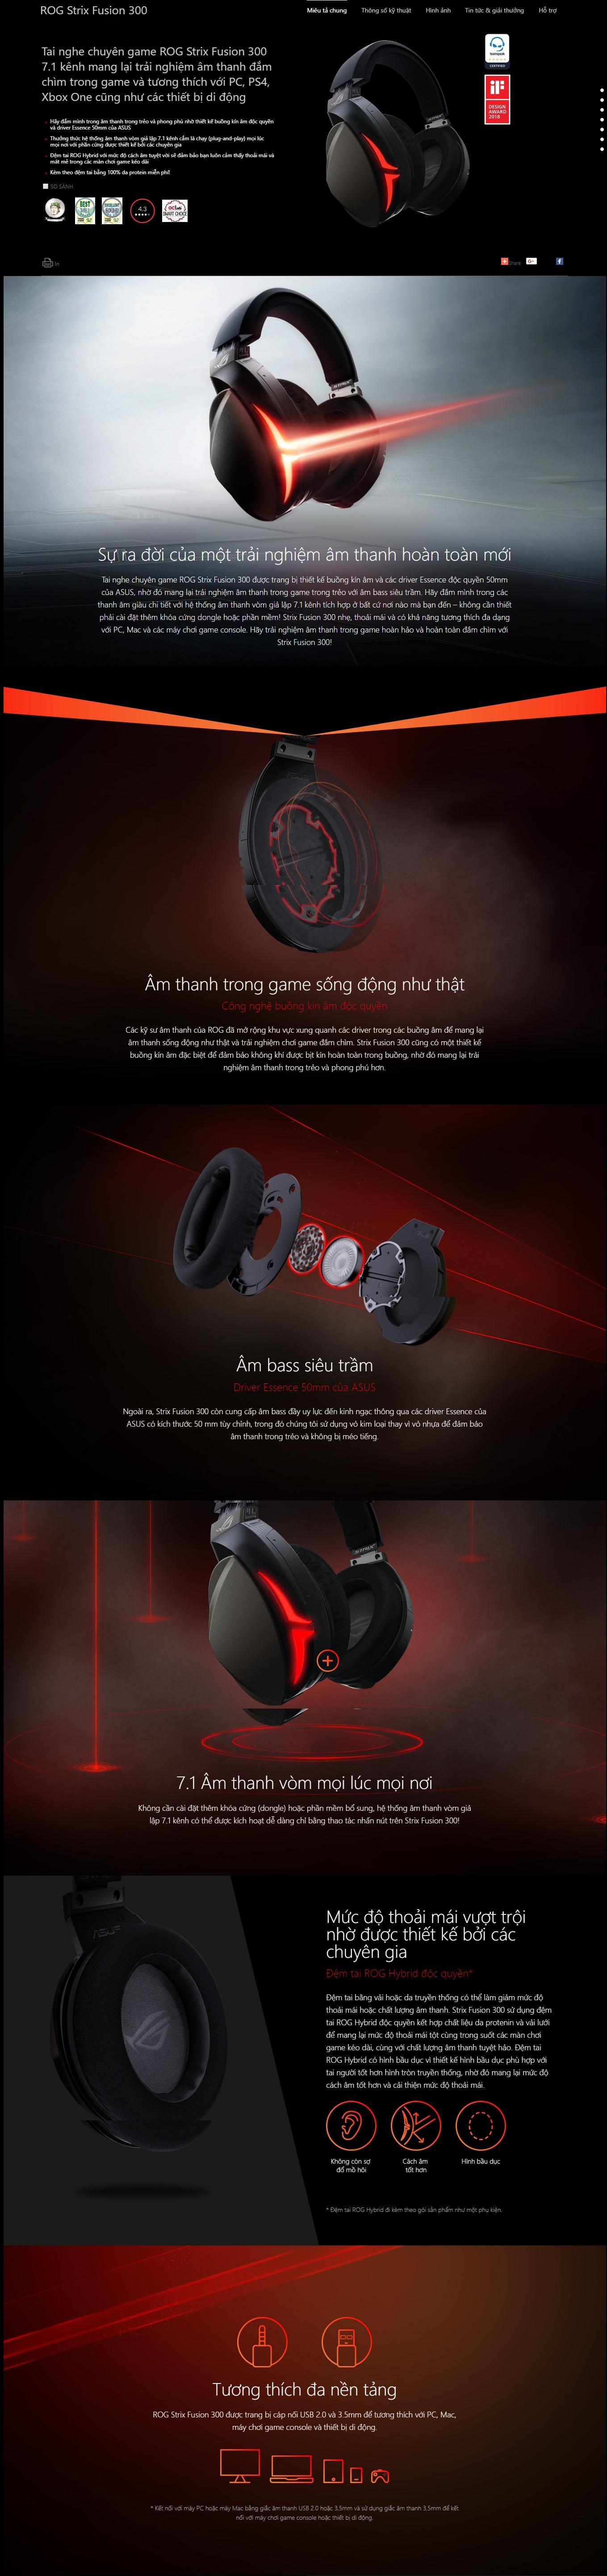 Kết quả hình ảnh cho Asus ROG Strix Fusion 300\